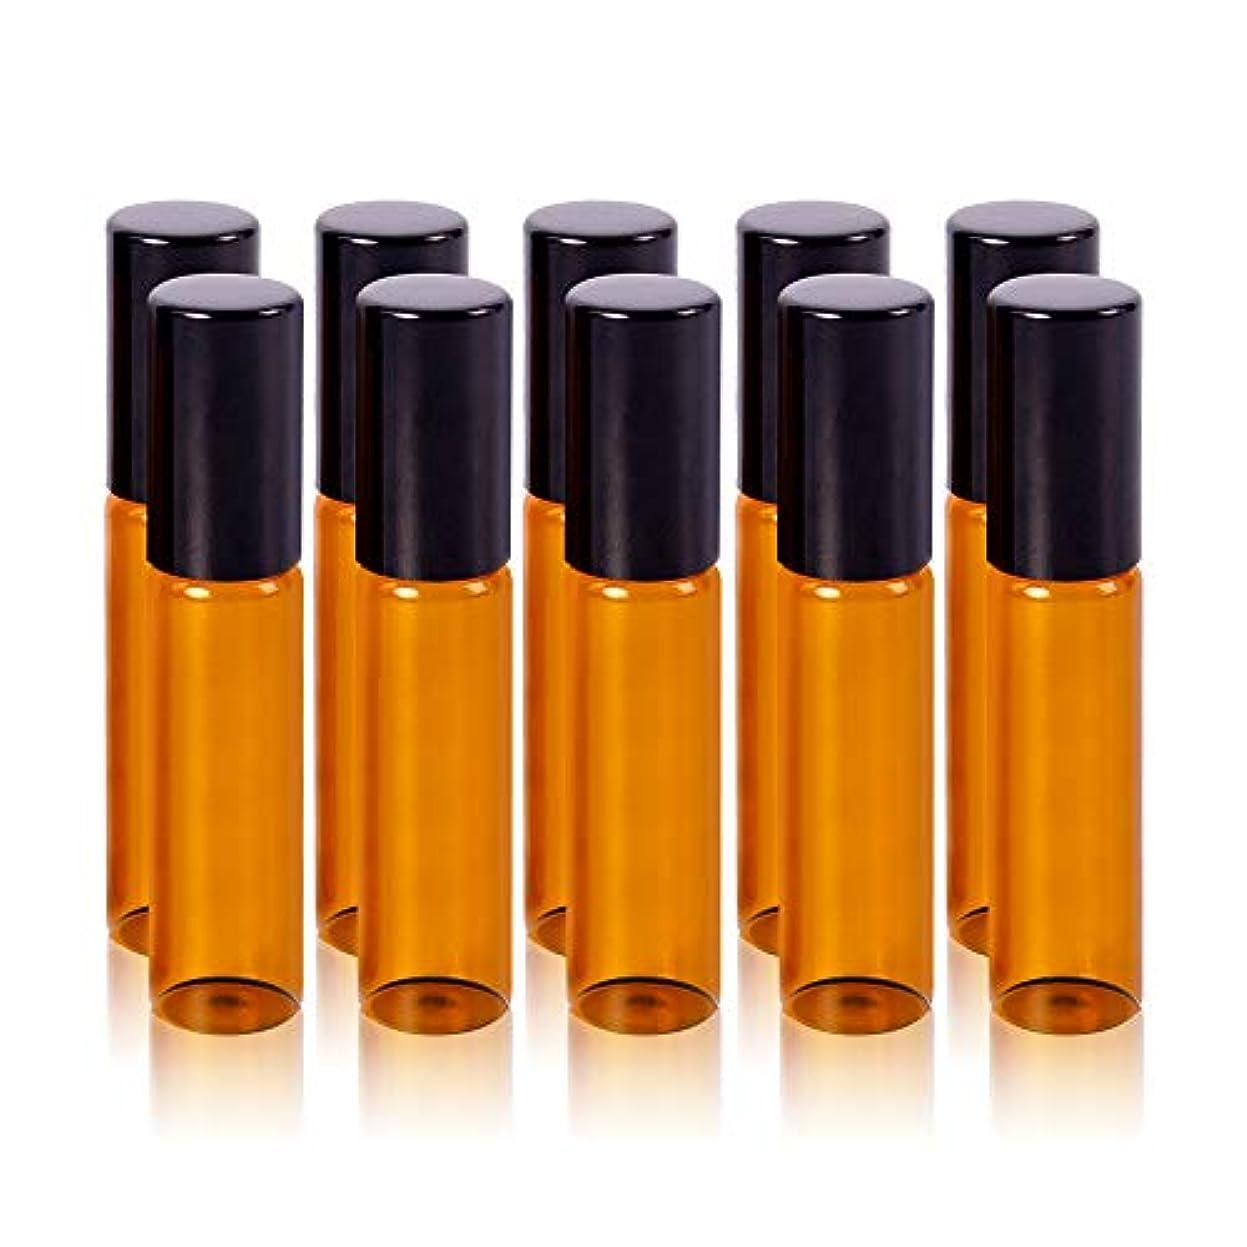 発信に渡って野菜アロマオイル 精油 小分け用 遮光瓶 10本セット (5ml)